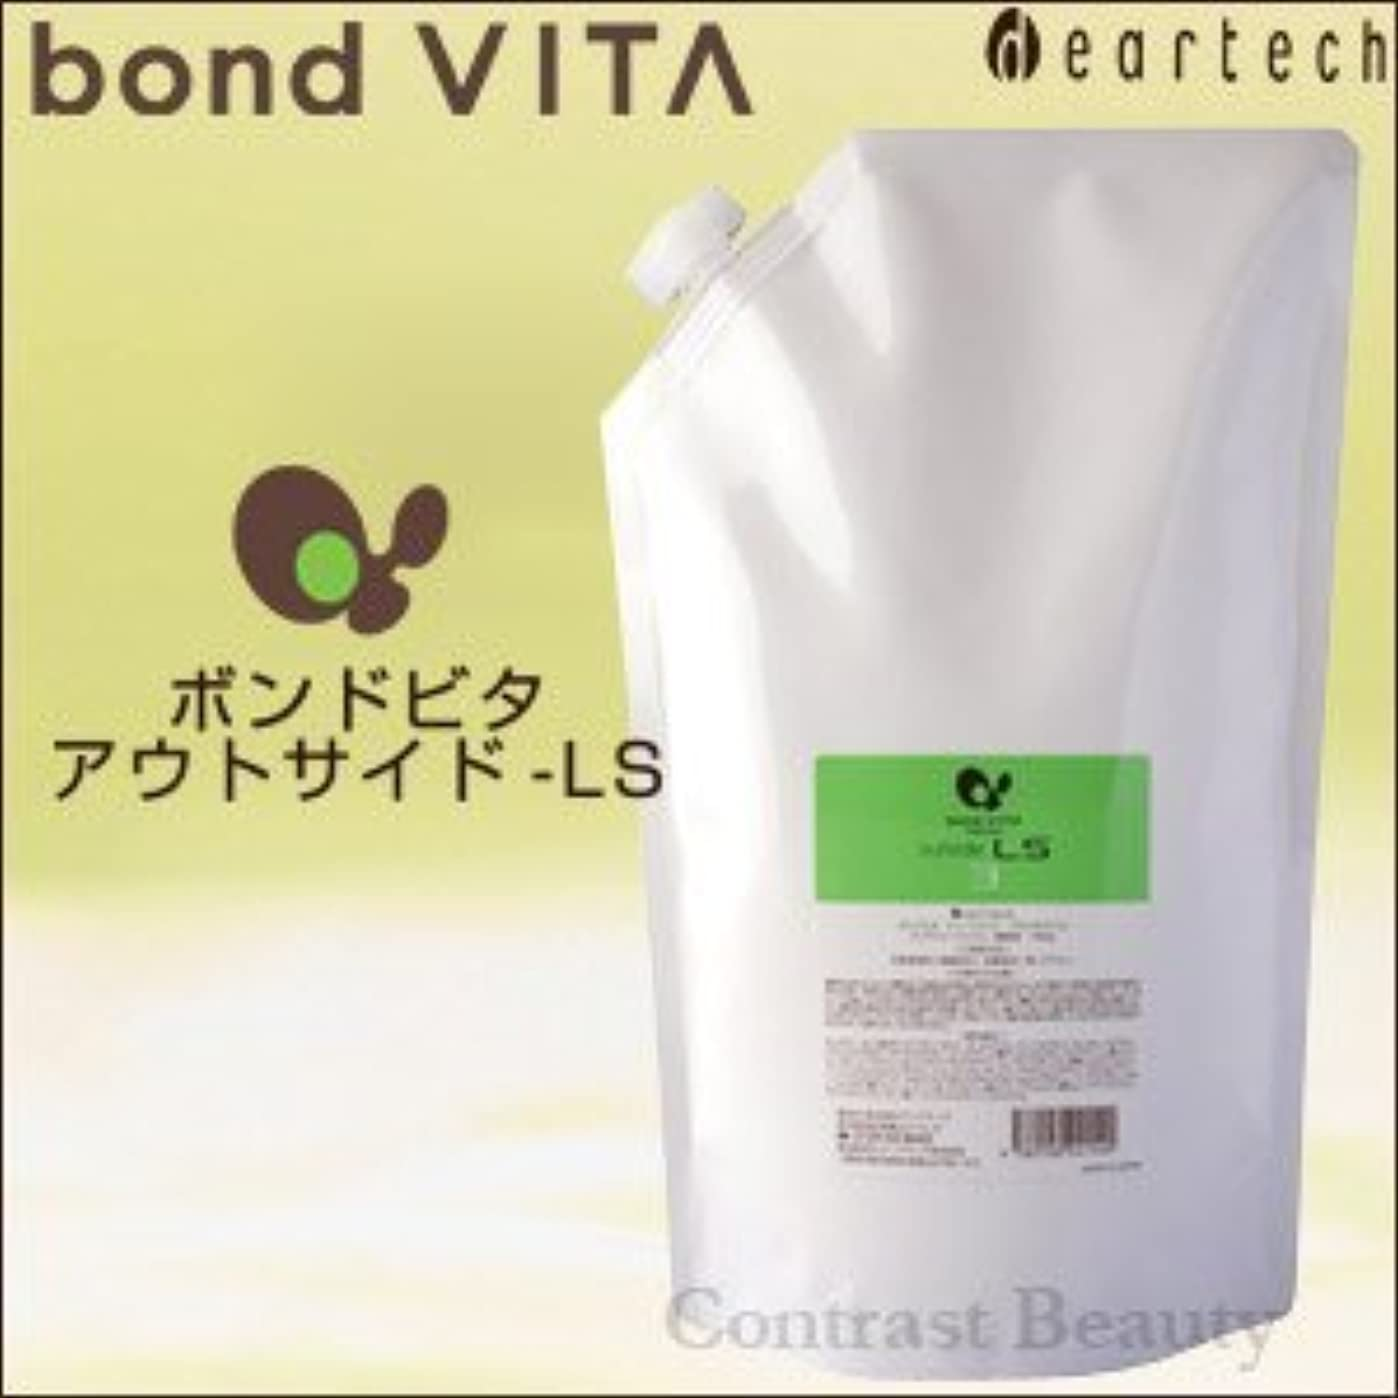 【ディアテック】ボンドビタ アウトサイド-LS (レフィル) 1000ml